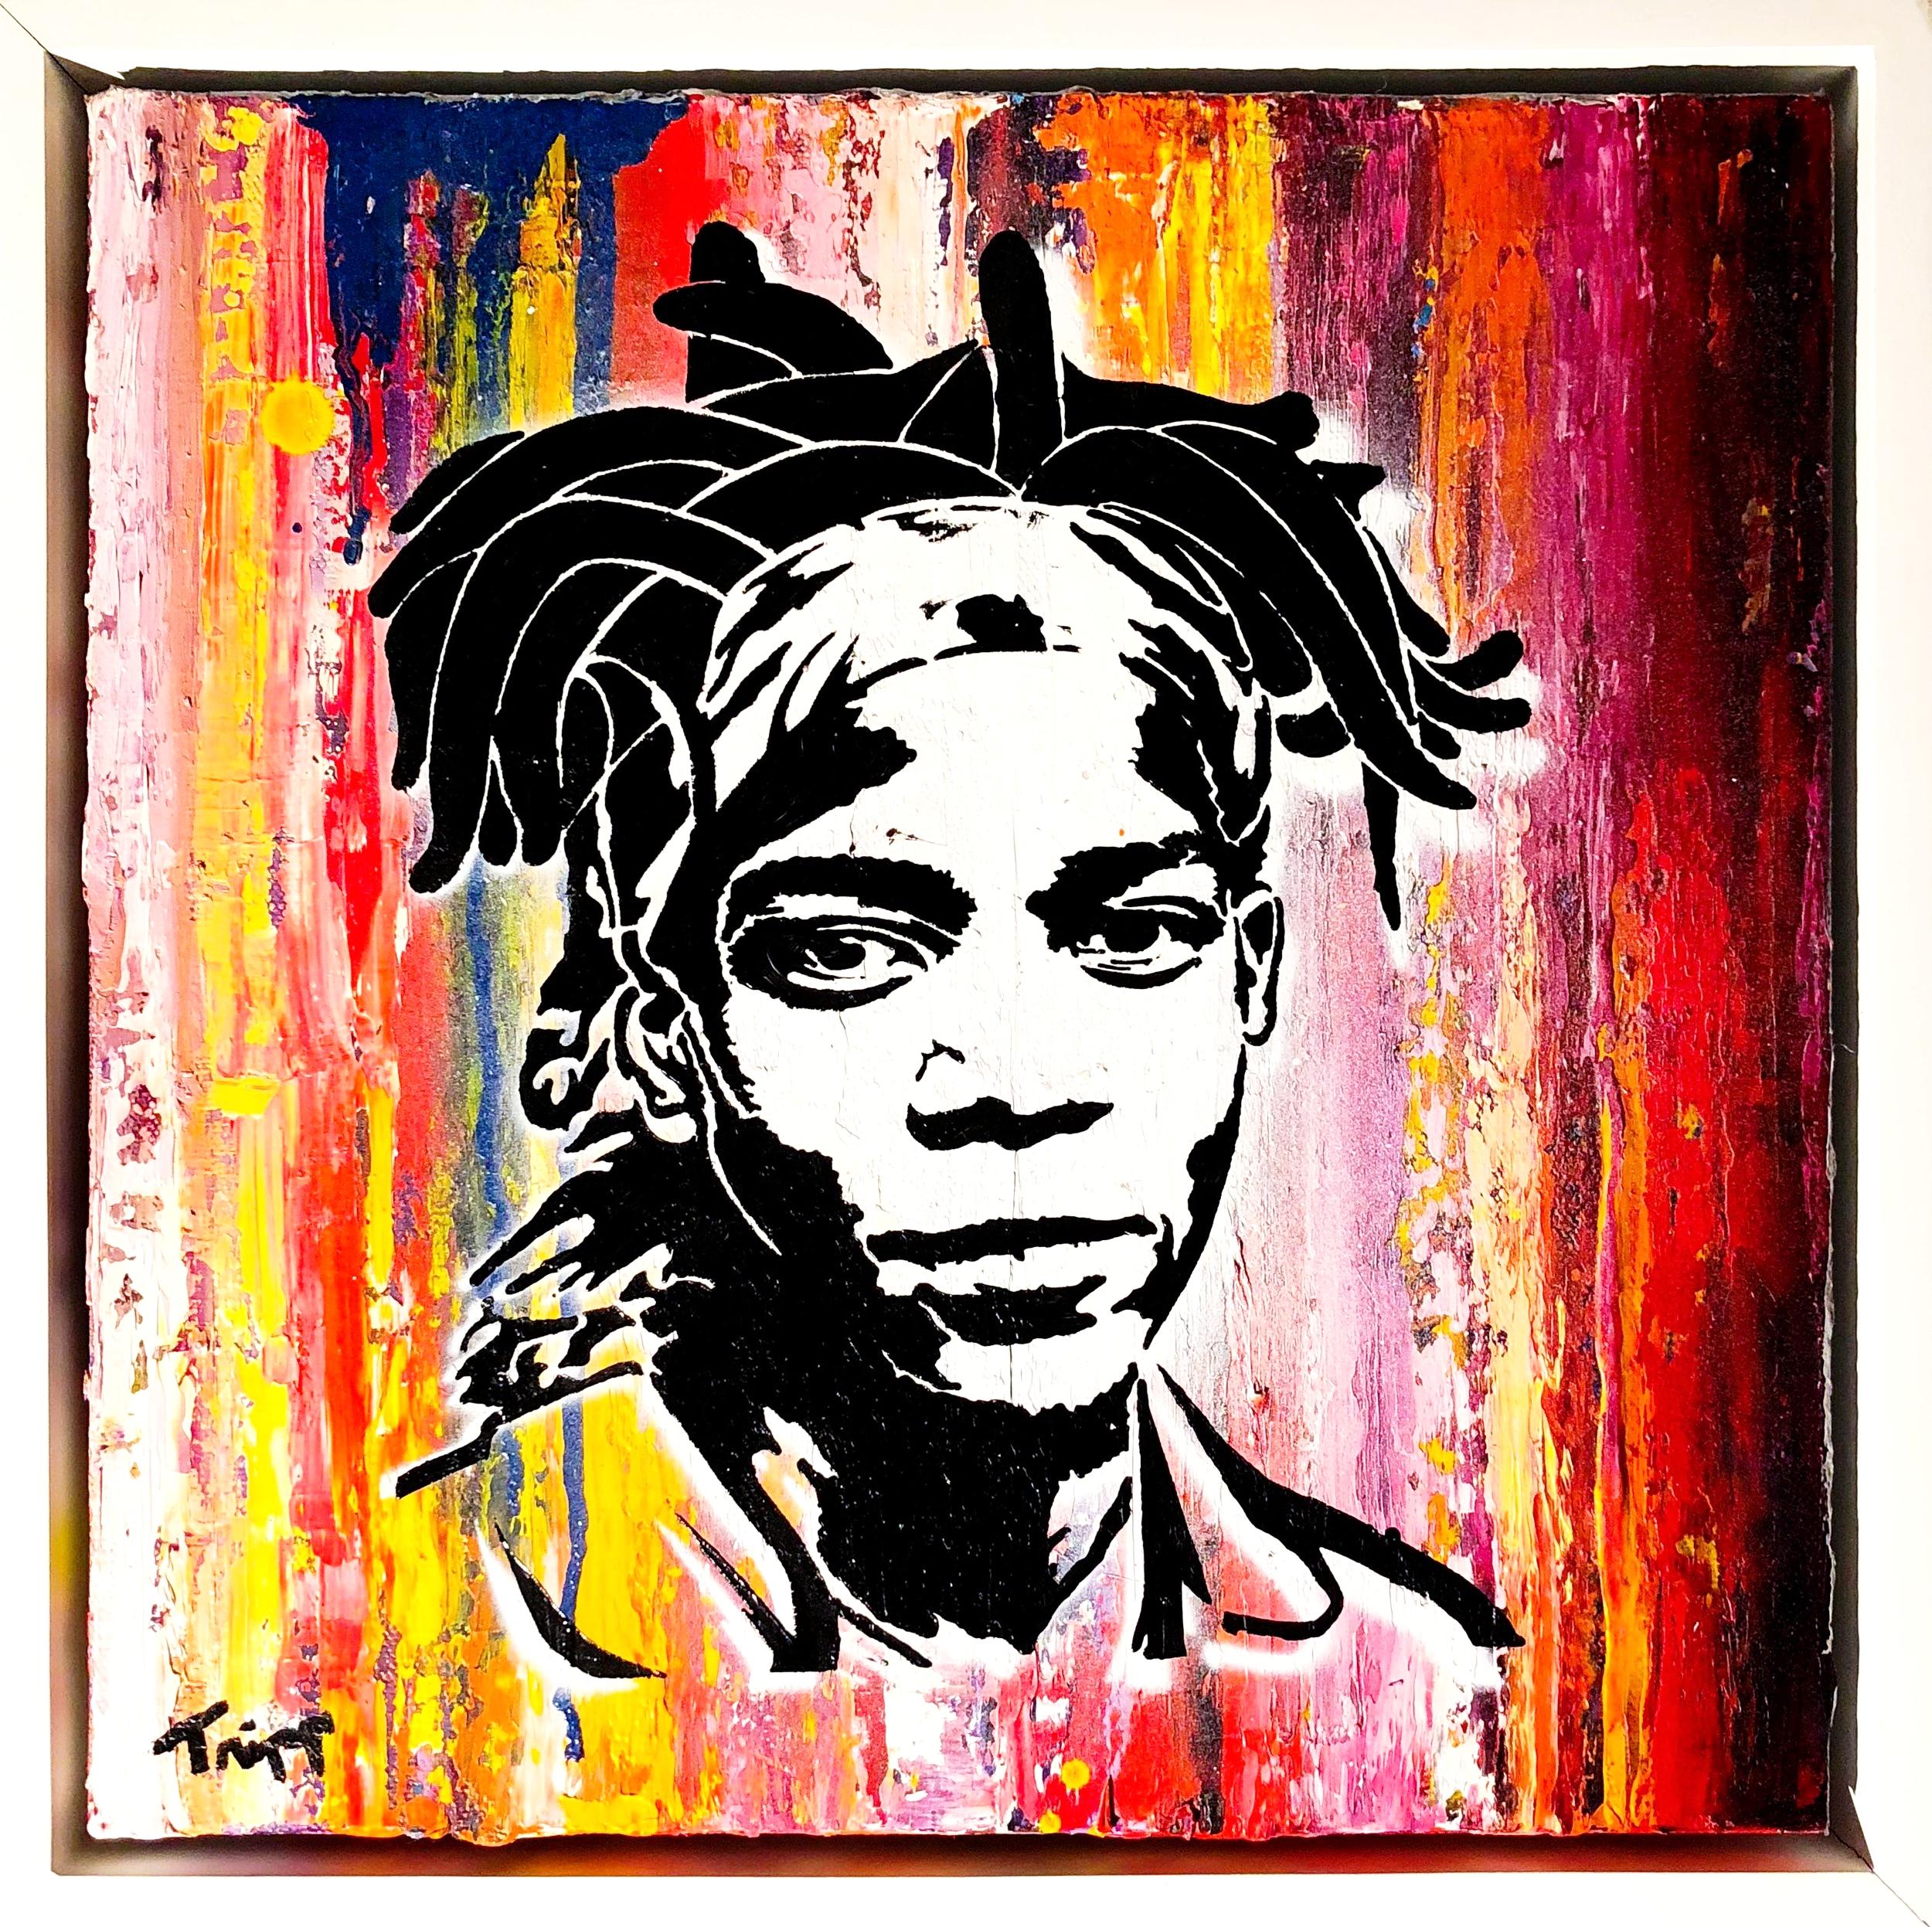 Sir Basquiat